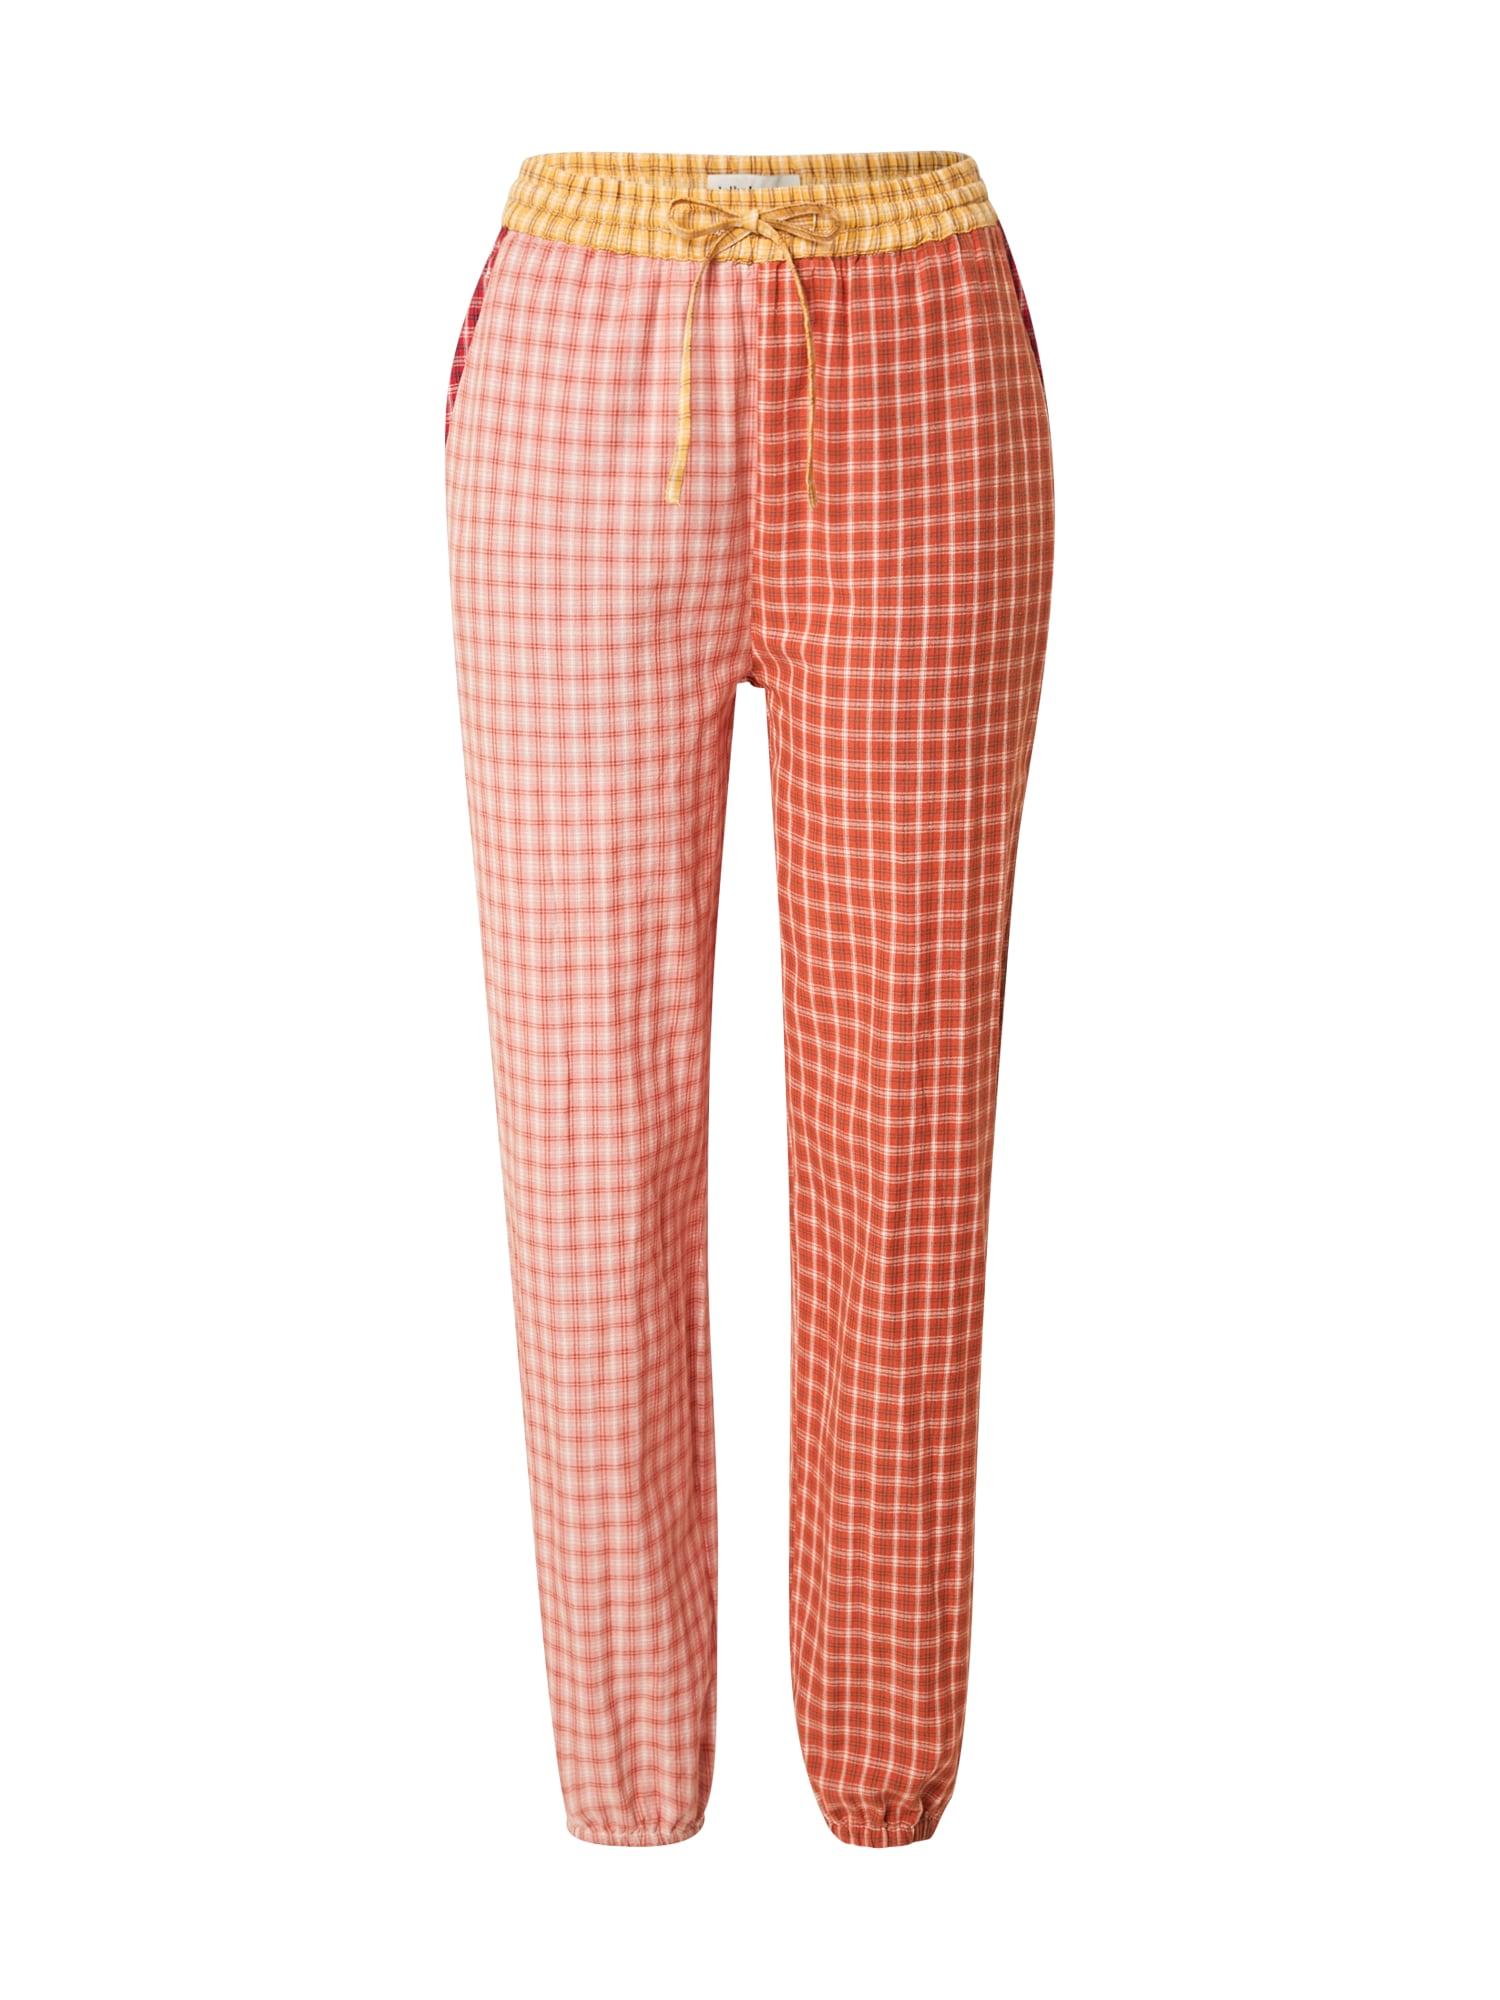 Lollys Laundry Pižaminės kelnės